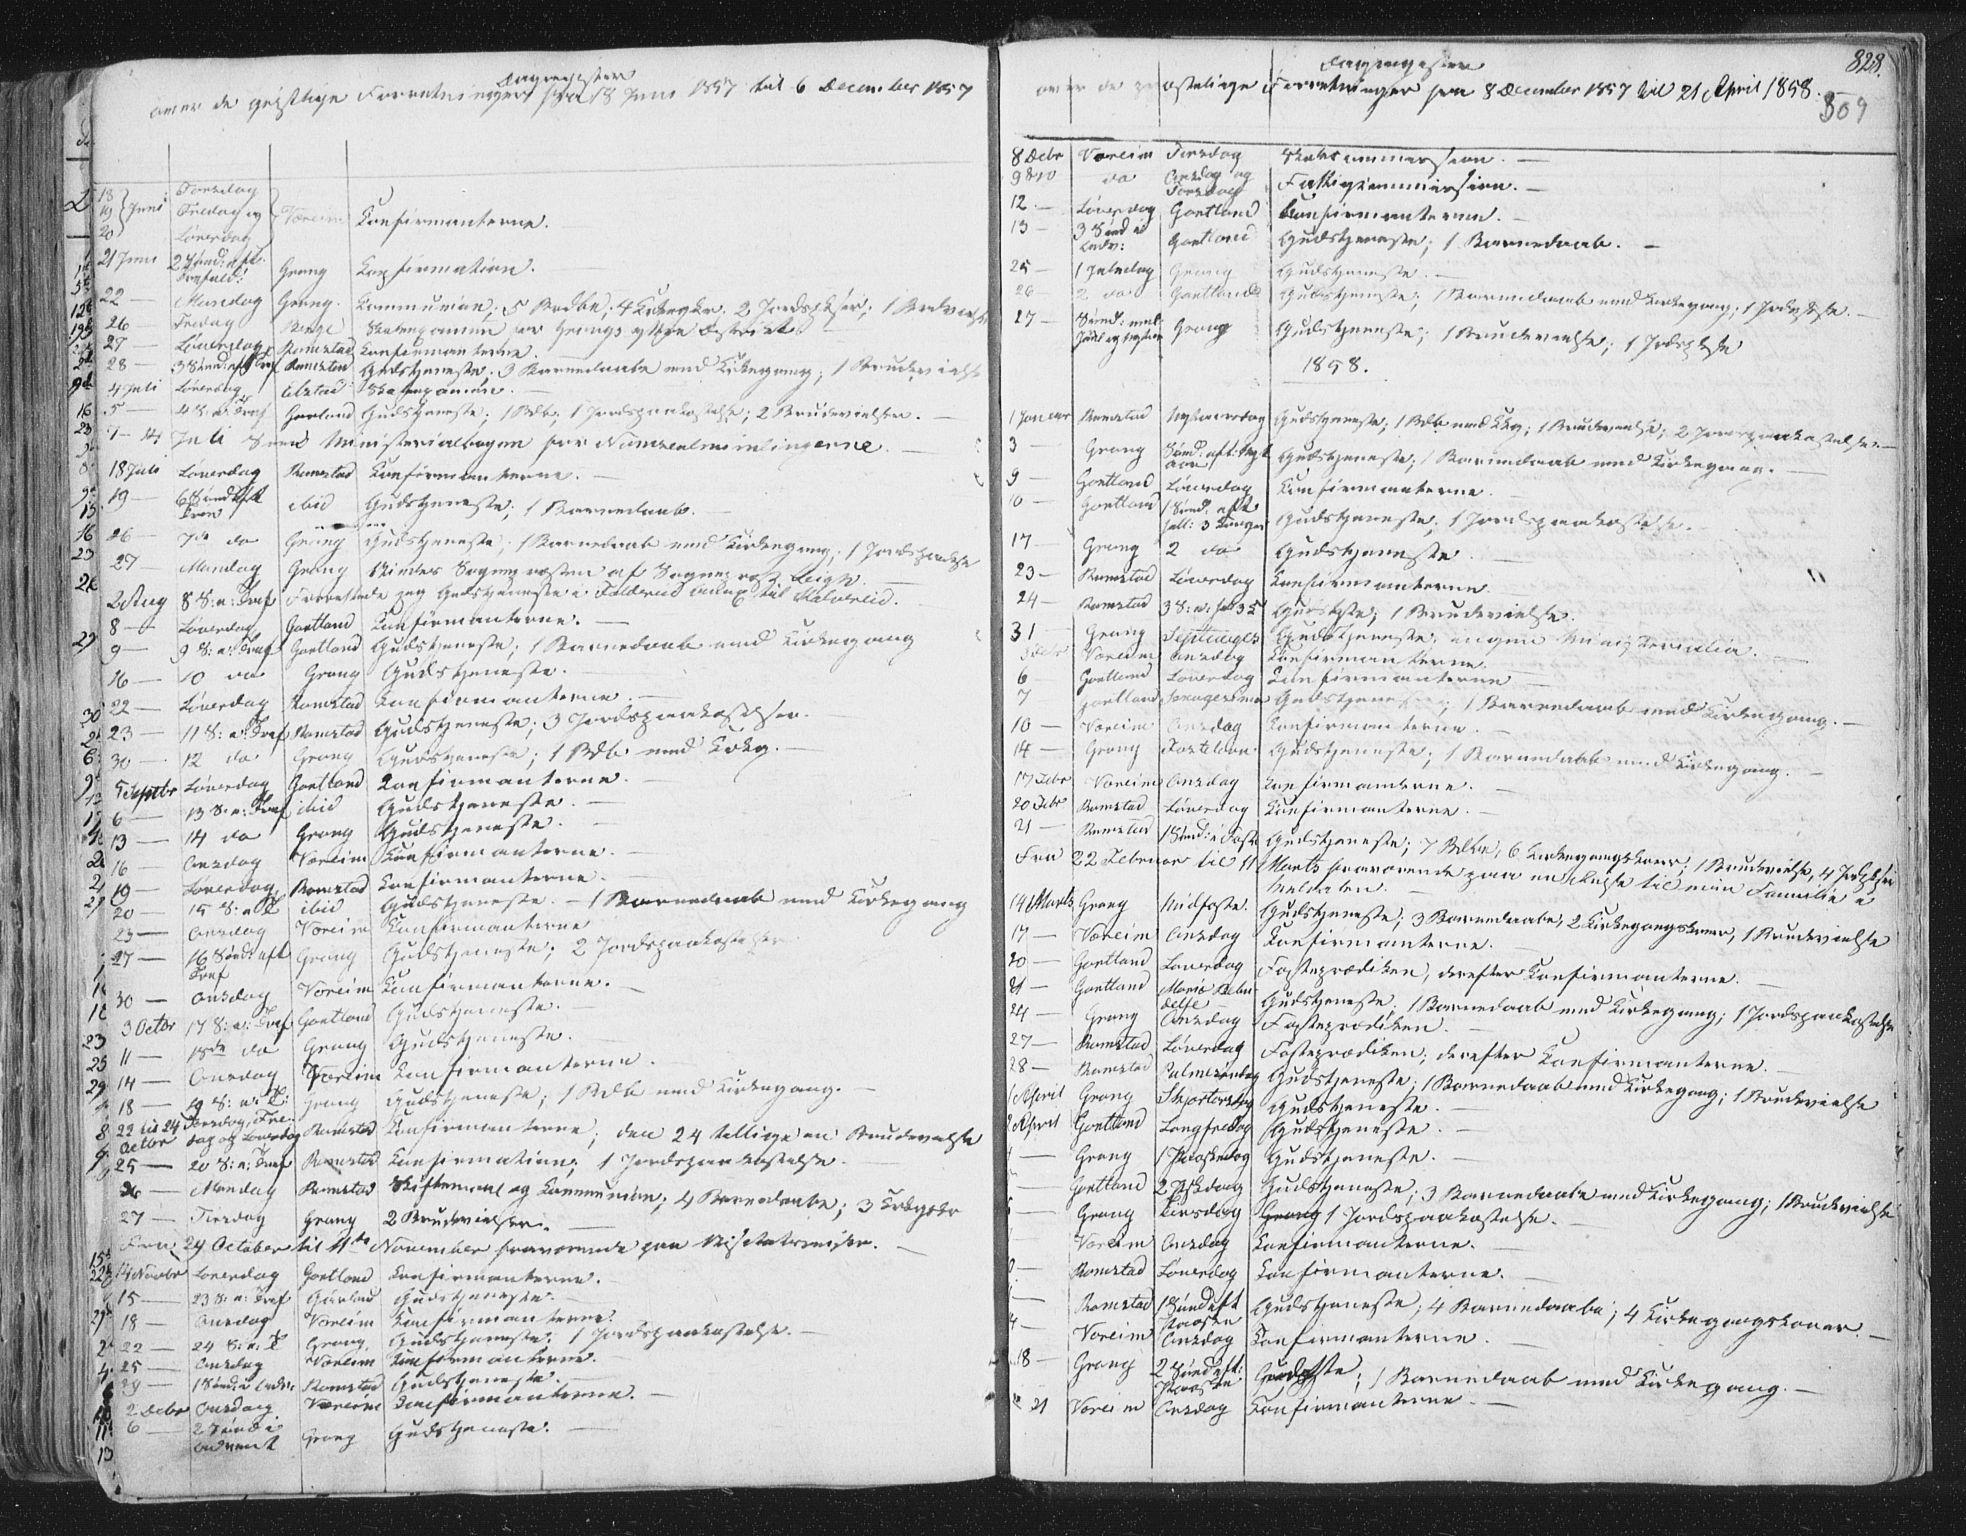 SAT, Ministerialprotokoller, klokkerbøker og fødselsregistre - Nord-Trøndelag, 758/L0513: Ministerialbok nr. 758A02 /1, 1839-1868, s. 309